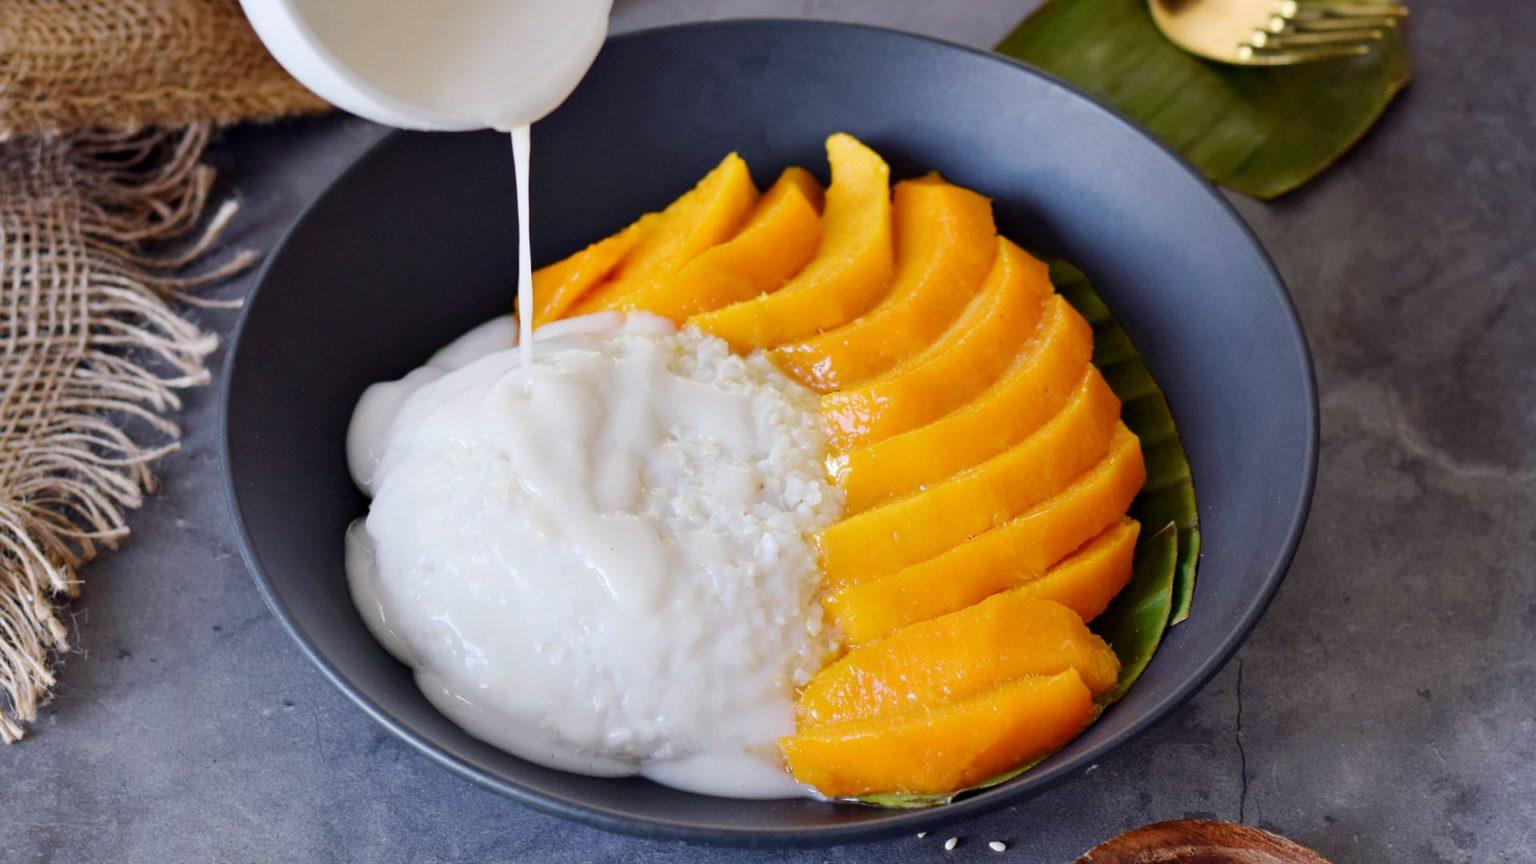 Фото рис и манго.